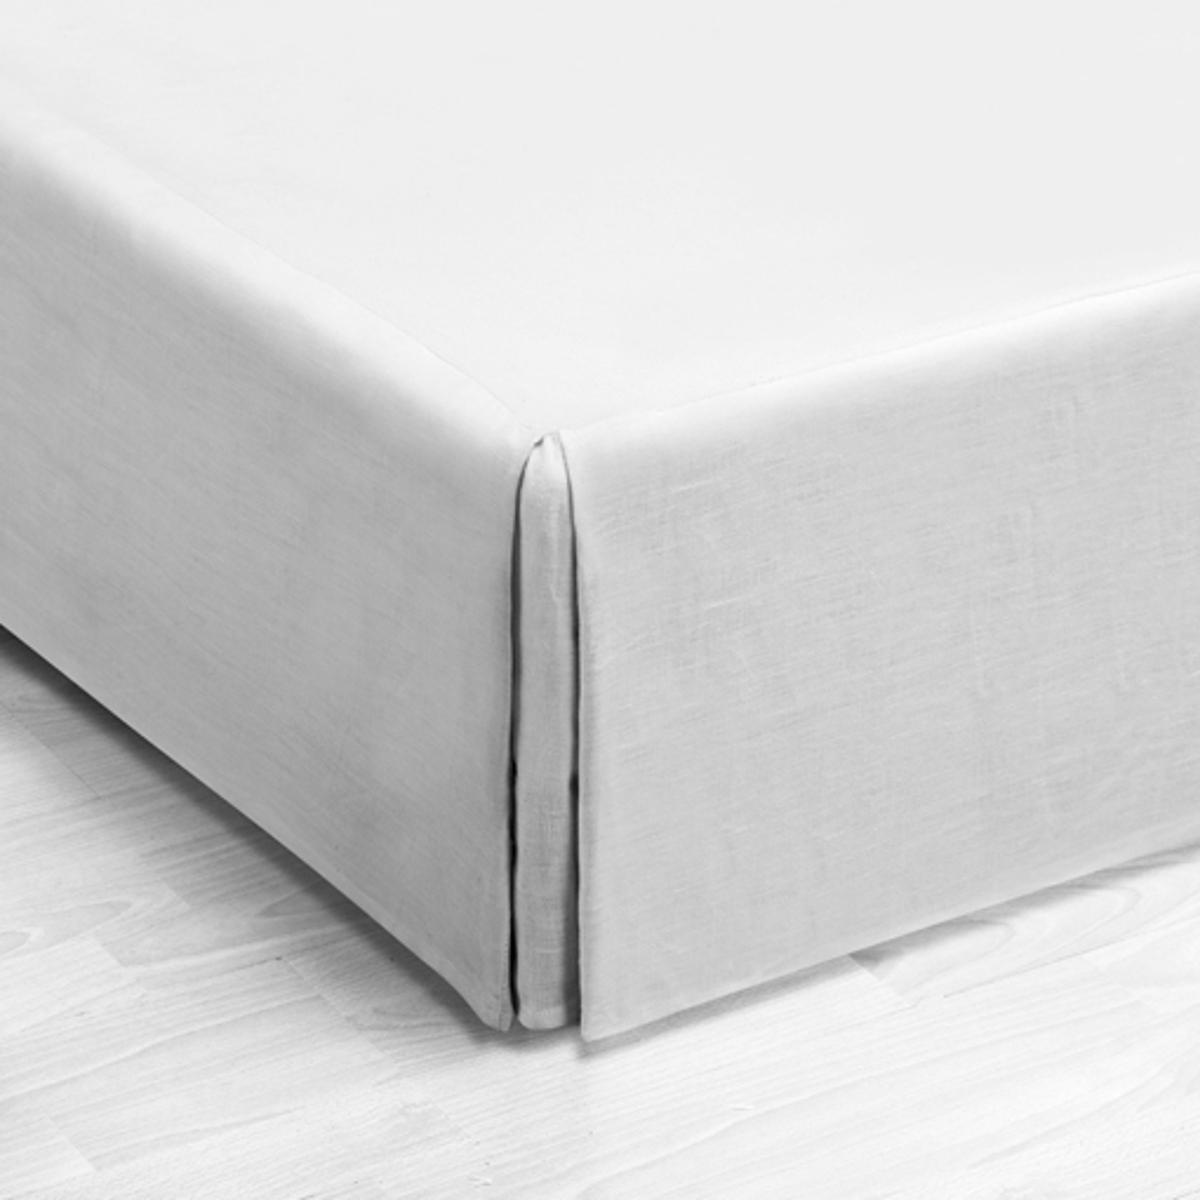 Чехол для кровати со встречными складками  Touril, хлопокСостав : - Покрывало однотонное 100 % хлопок. - Сумка для хранения 100 % хлопок. Отделка : Встречные складки в углах .            Размер : Высота : 30 см..                    Уход : Стирать при 40°C.                                                                             Производство осуществляется с учетом стандартов по защите окружающей среды и здоровья человека, что подтверждено сертификатом Oeko-tex®.  .<br><br>Цвет: белый,угольно-серый<br>Размер: 140 x 190  см.180 x 200  см.140 x 190  см